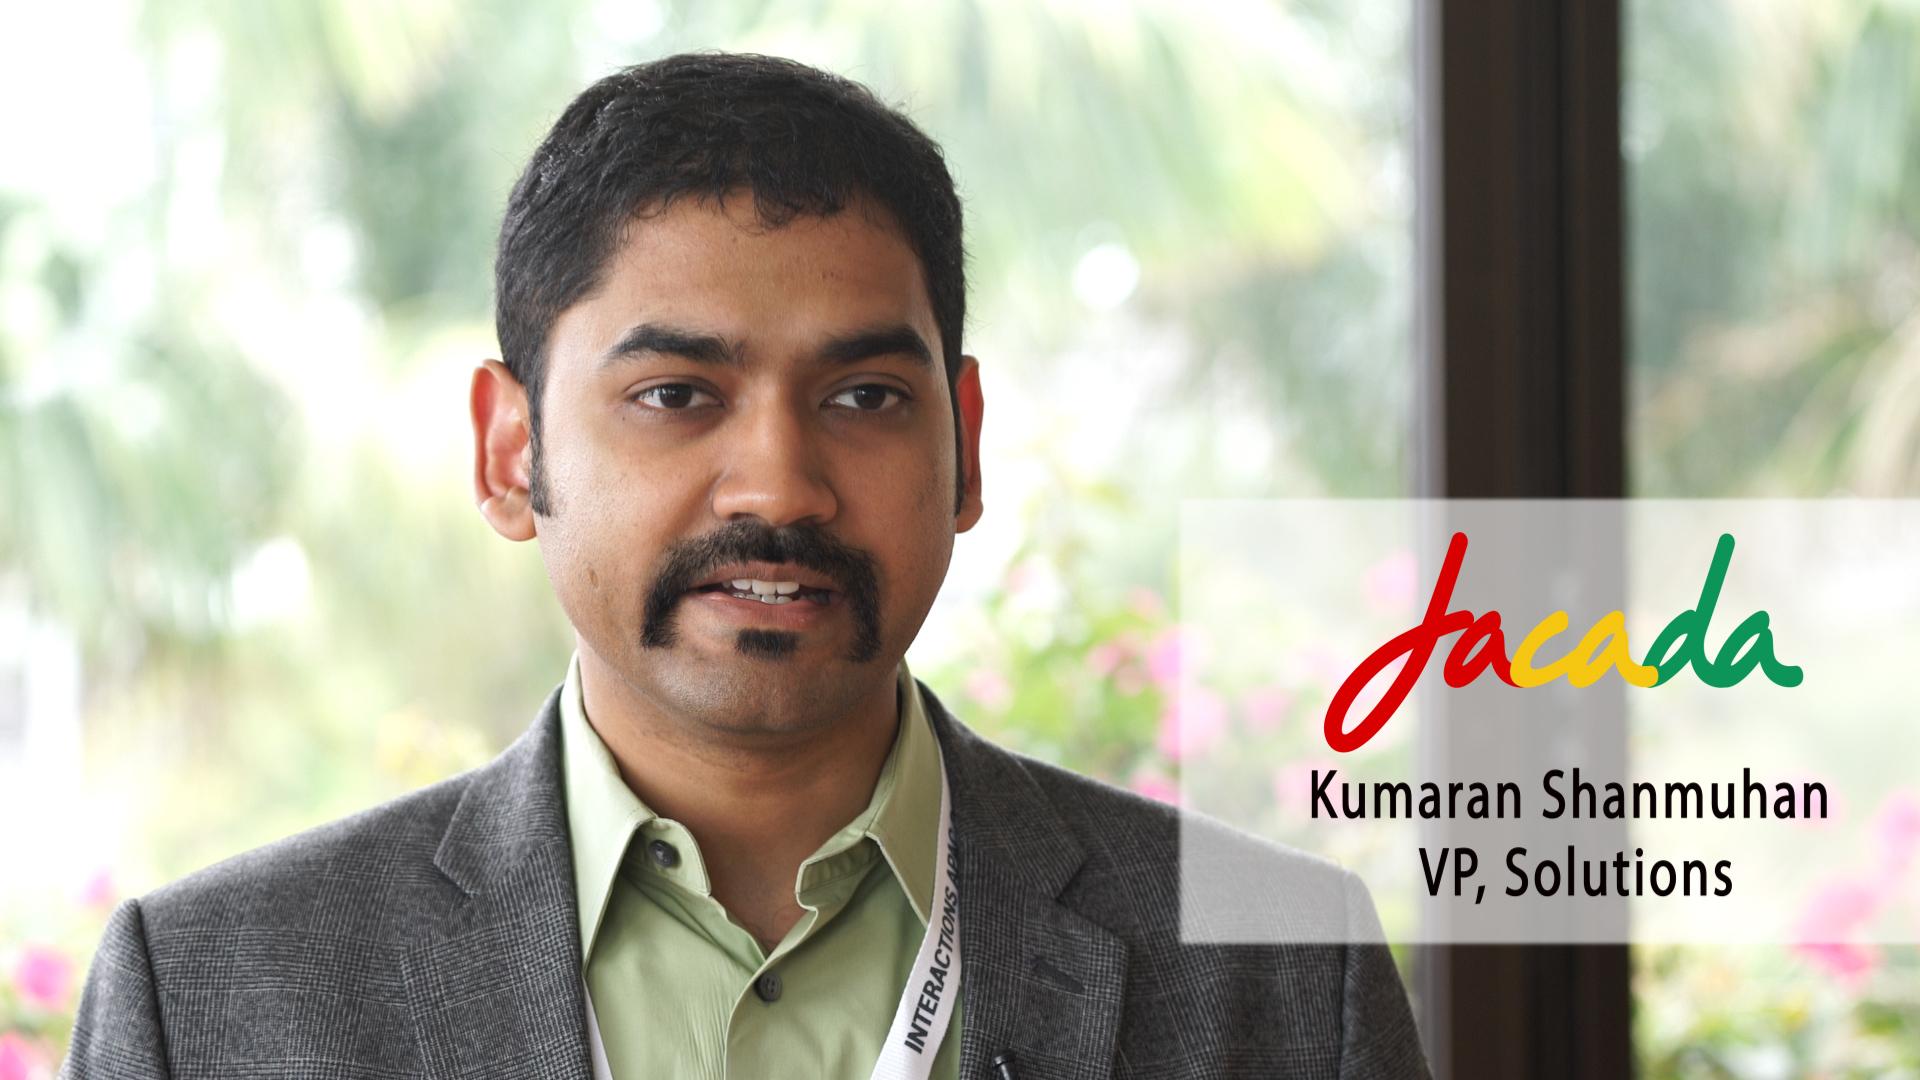 Kumaran Shanmuhan, VP, Solutions, Jacada.00_00_29_22.Still002.jpg